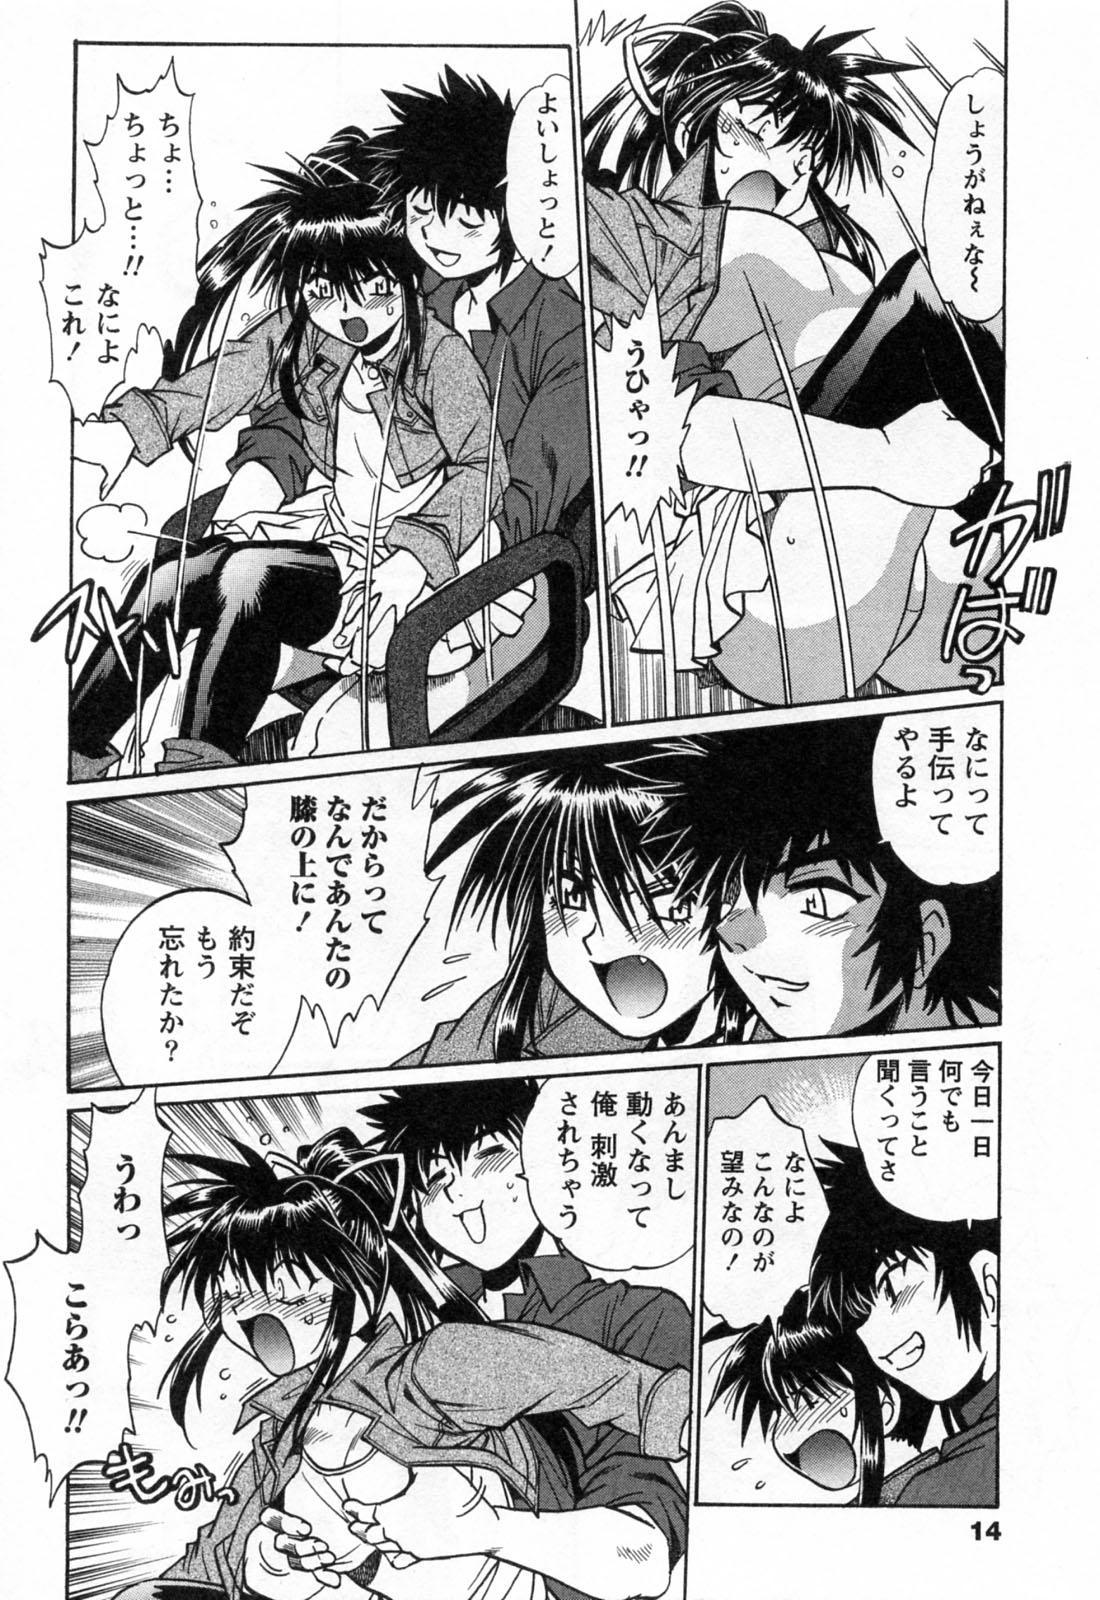 Makunouchi Deluxe 3 15